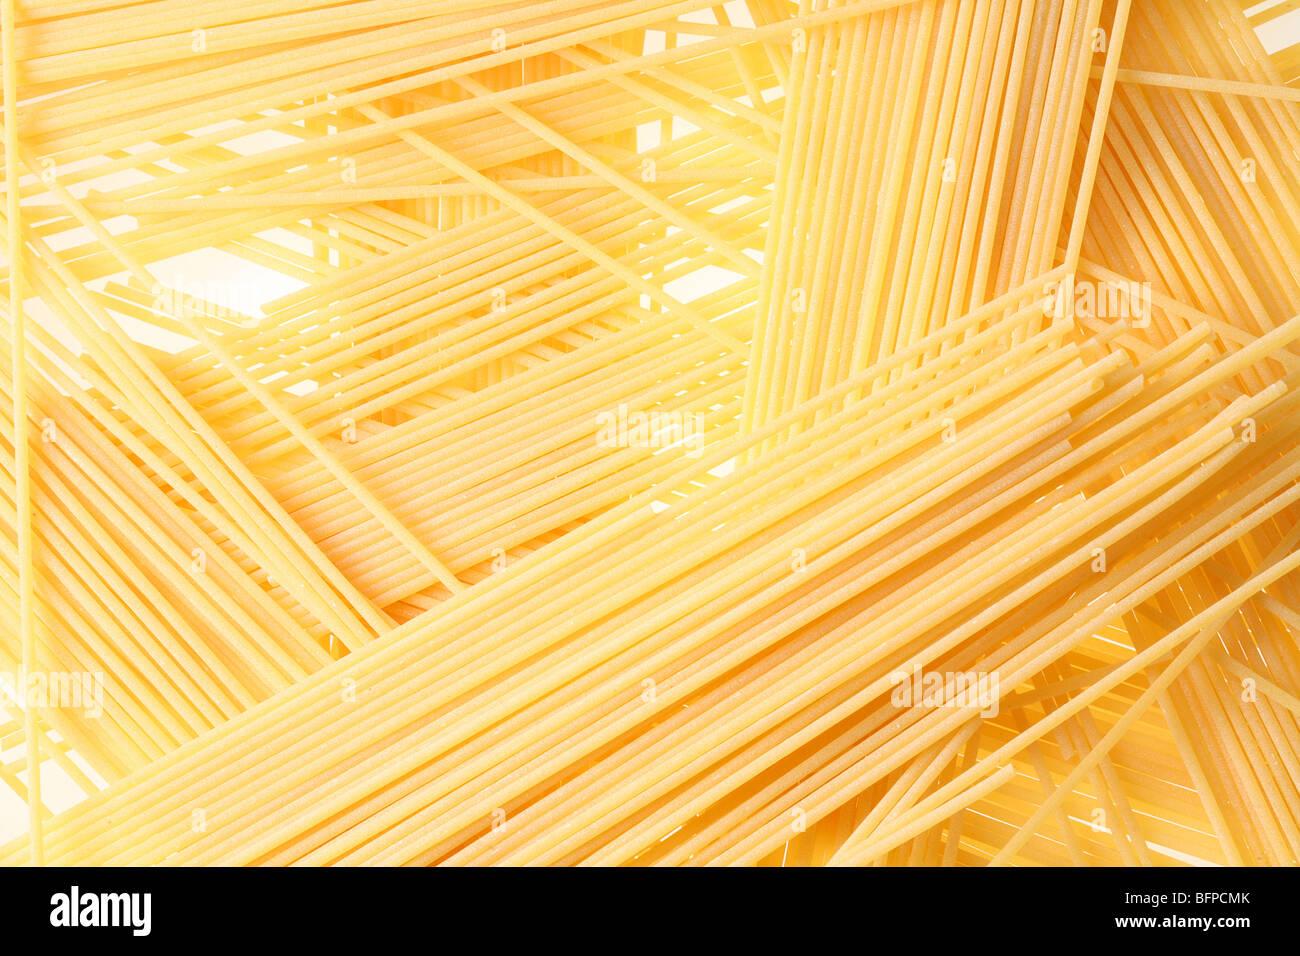 Volver proyectado (iluminados) espagueti (pasta) Imagen De Stock